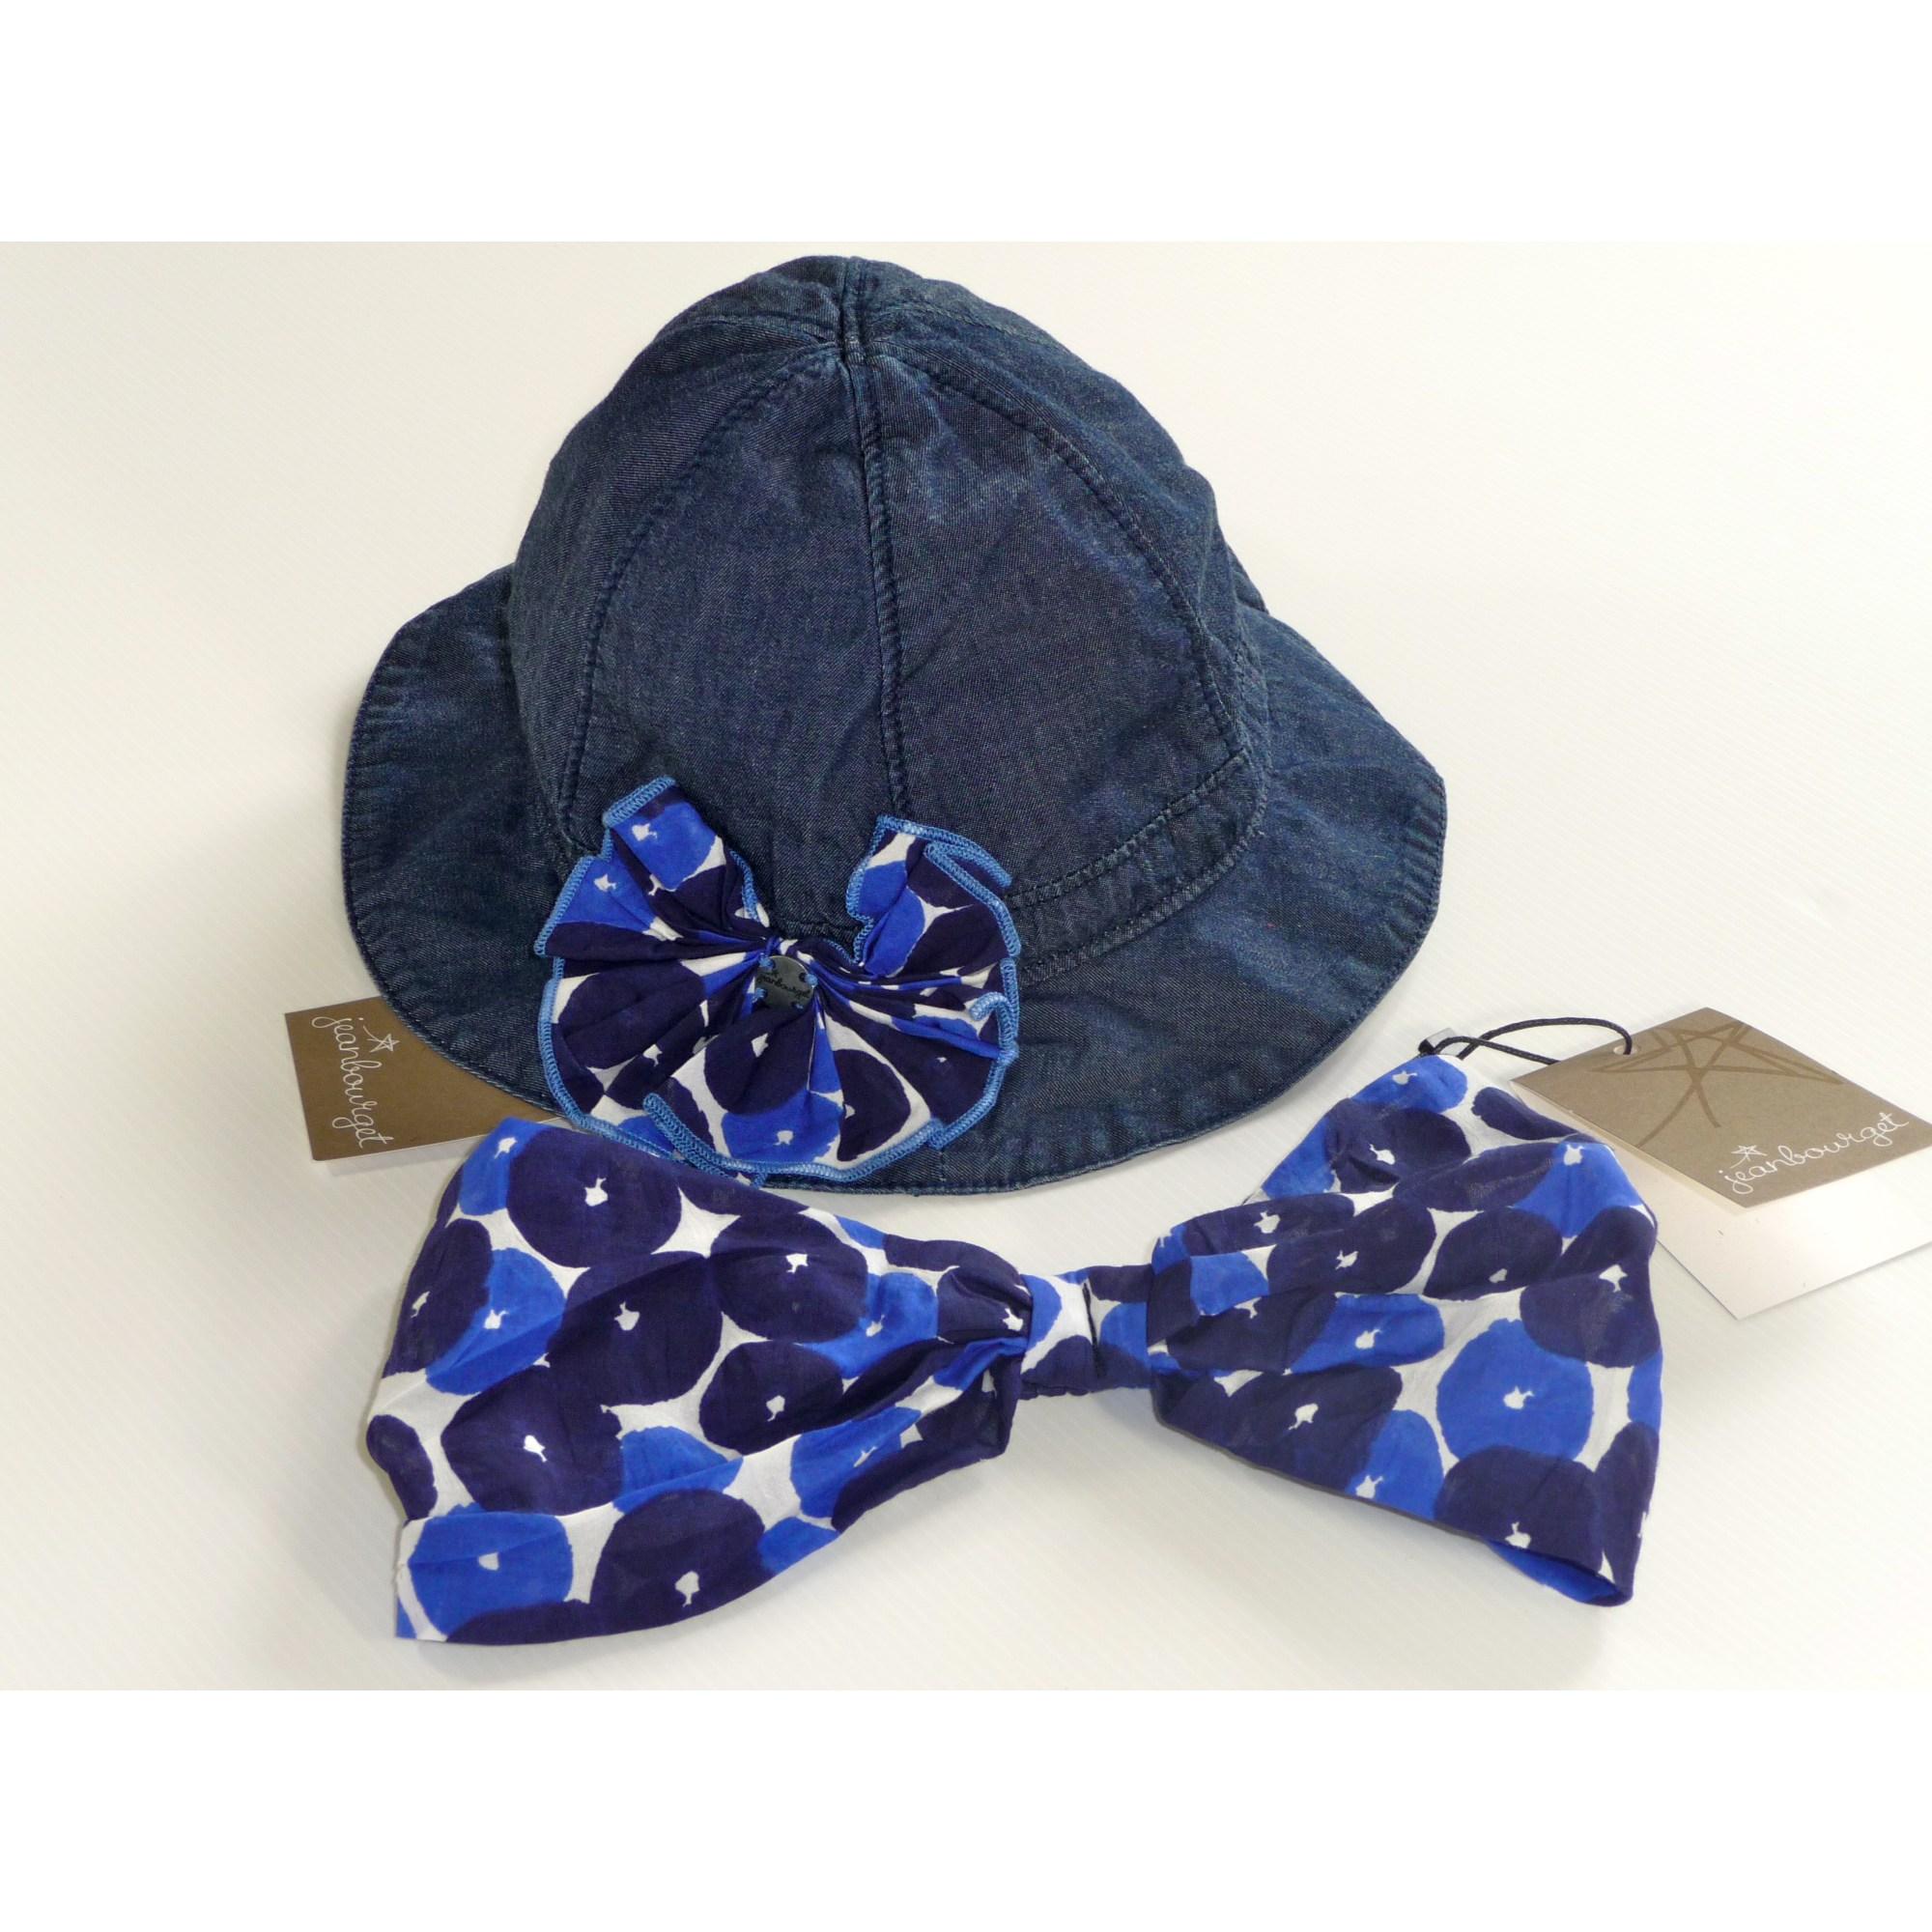 Haarband JEAN BOURGET Blau, marineblau, türkisblau